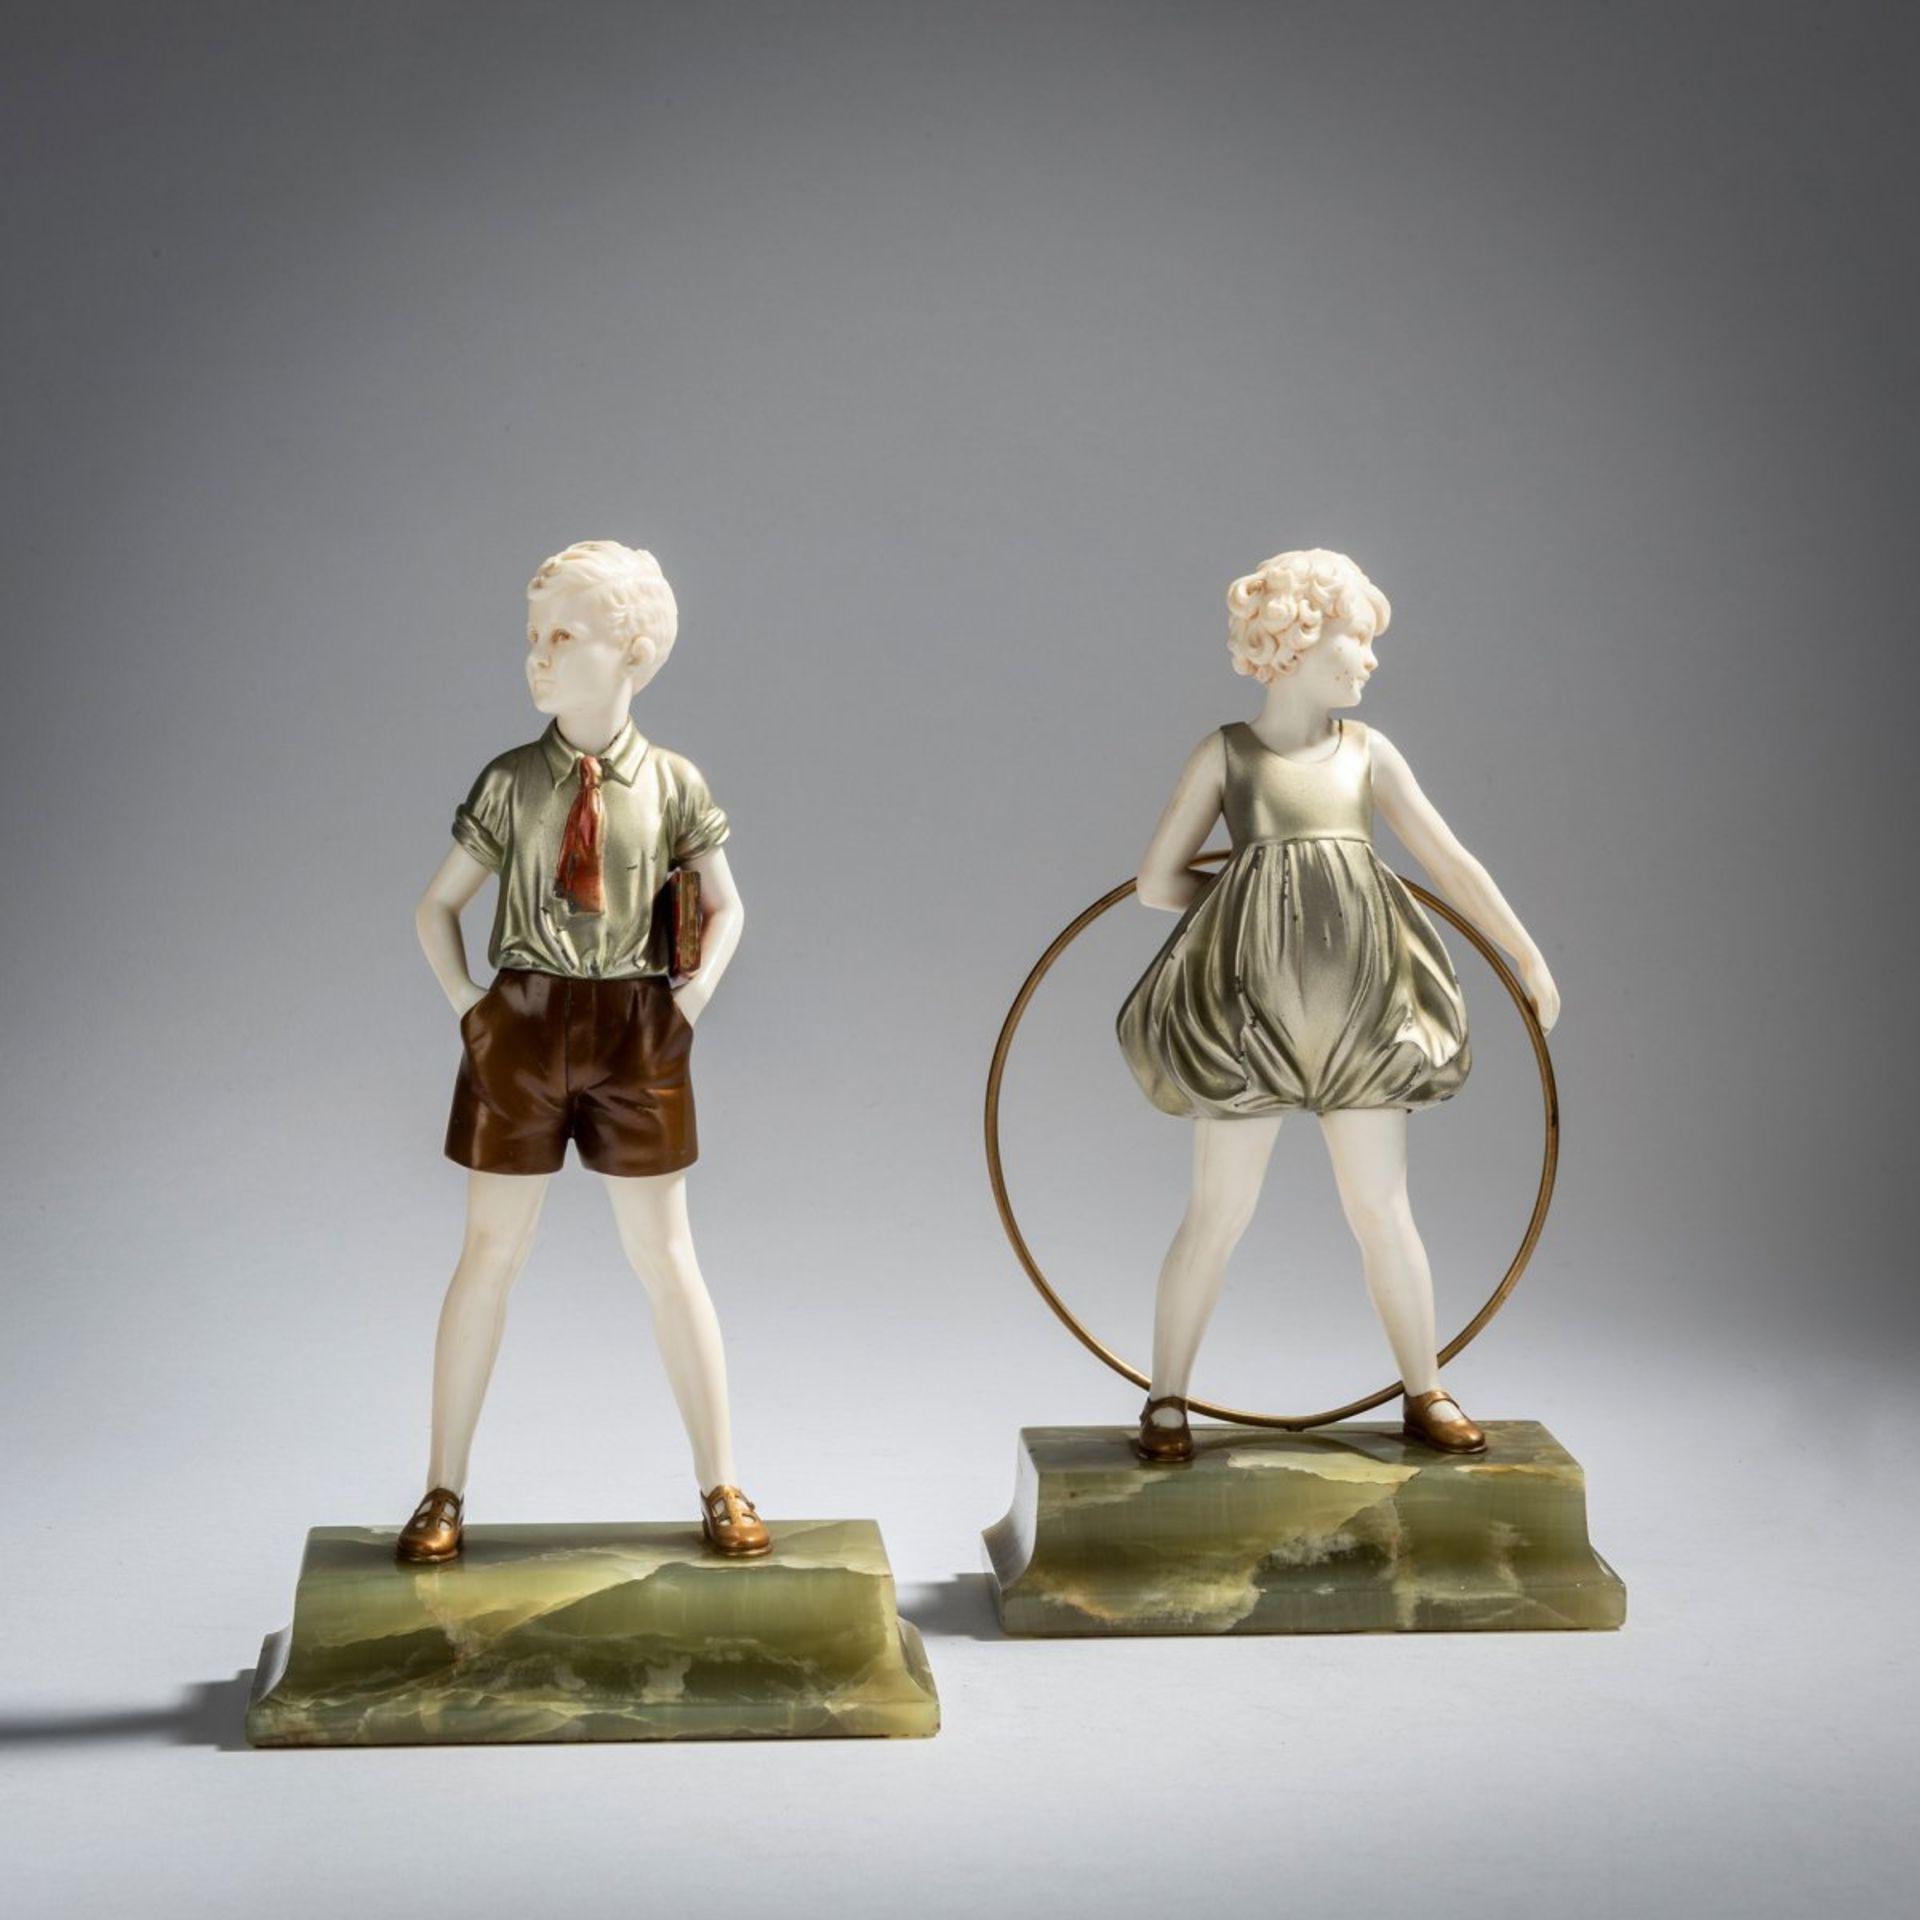 Ferdinand Preiss, 'Hoop Girl' und 'Sonny Boy', um 1930